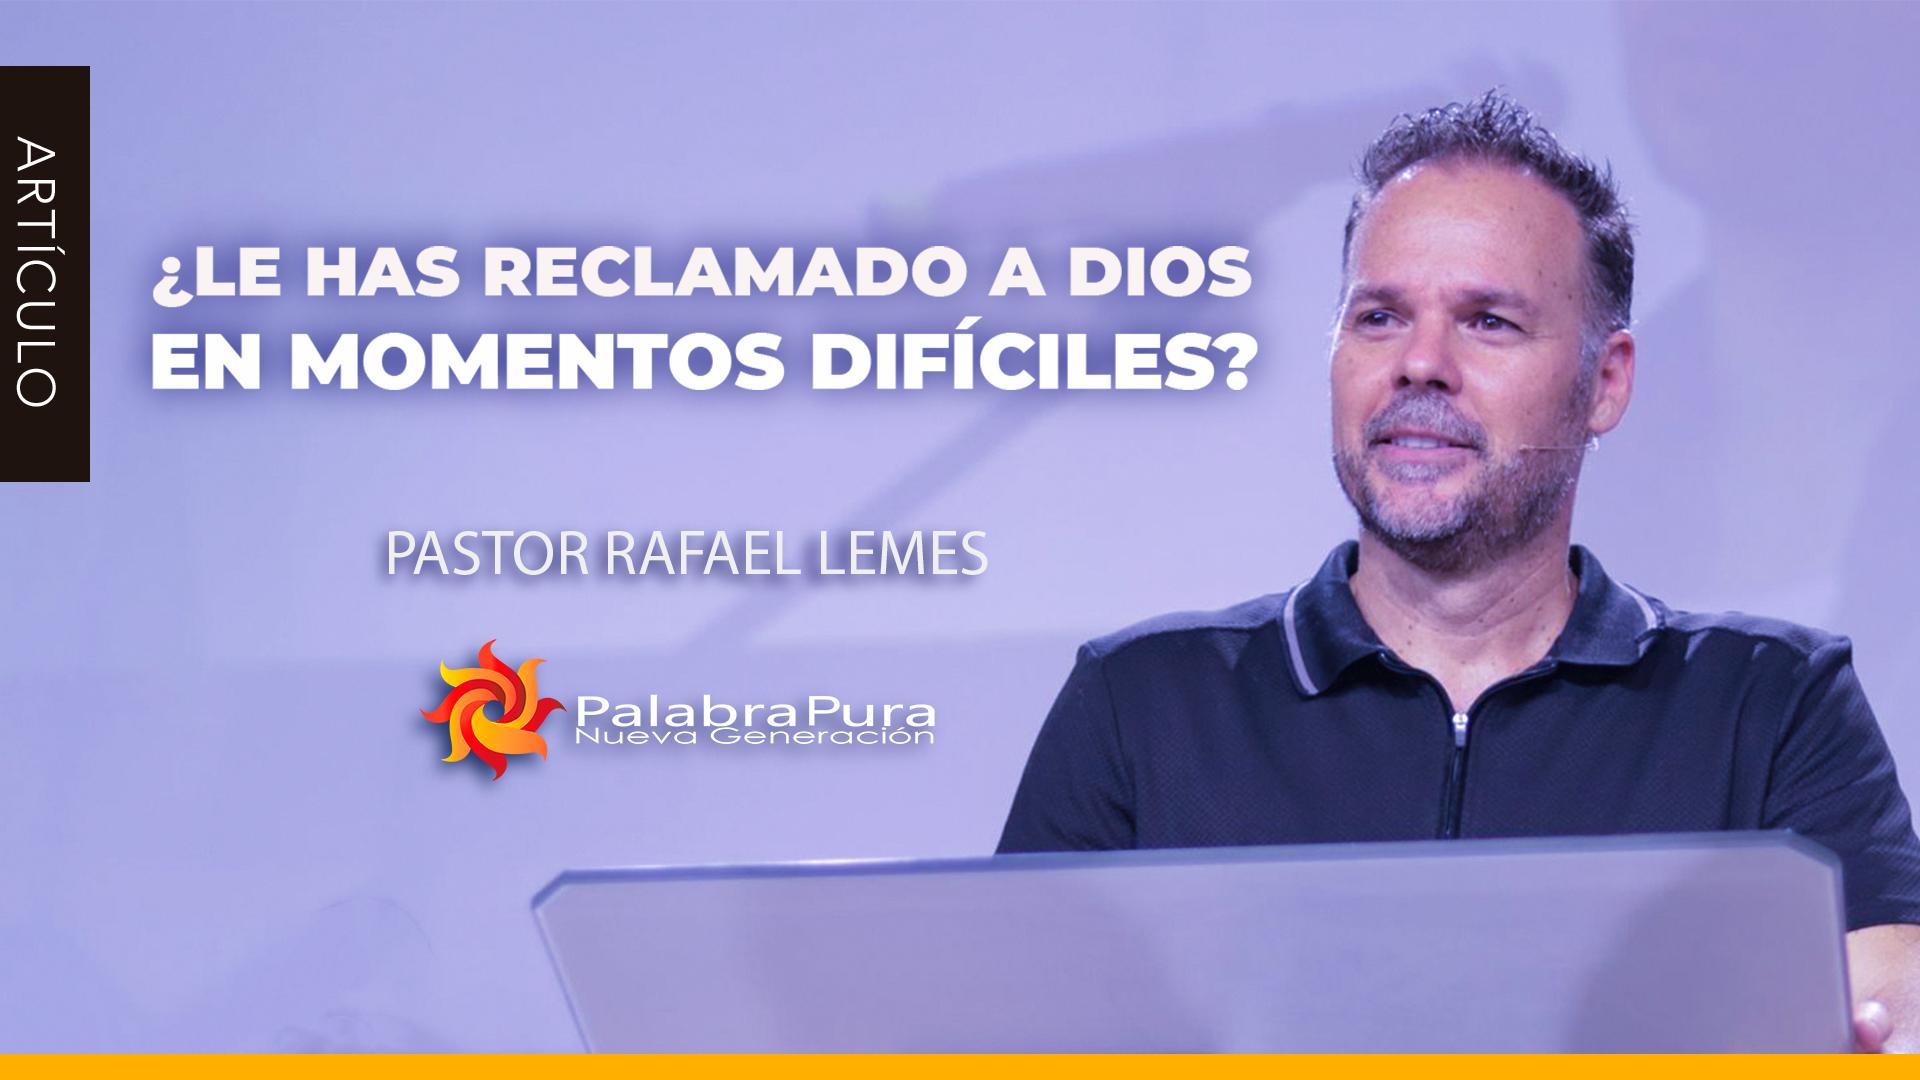 ¿LE HAS RECLAMADO A DIOS EN MOMENTOS DIFÍCILES?